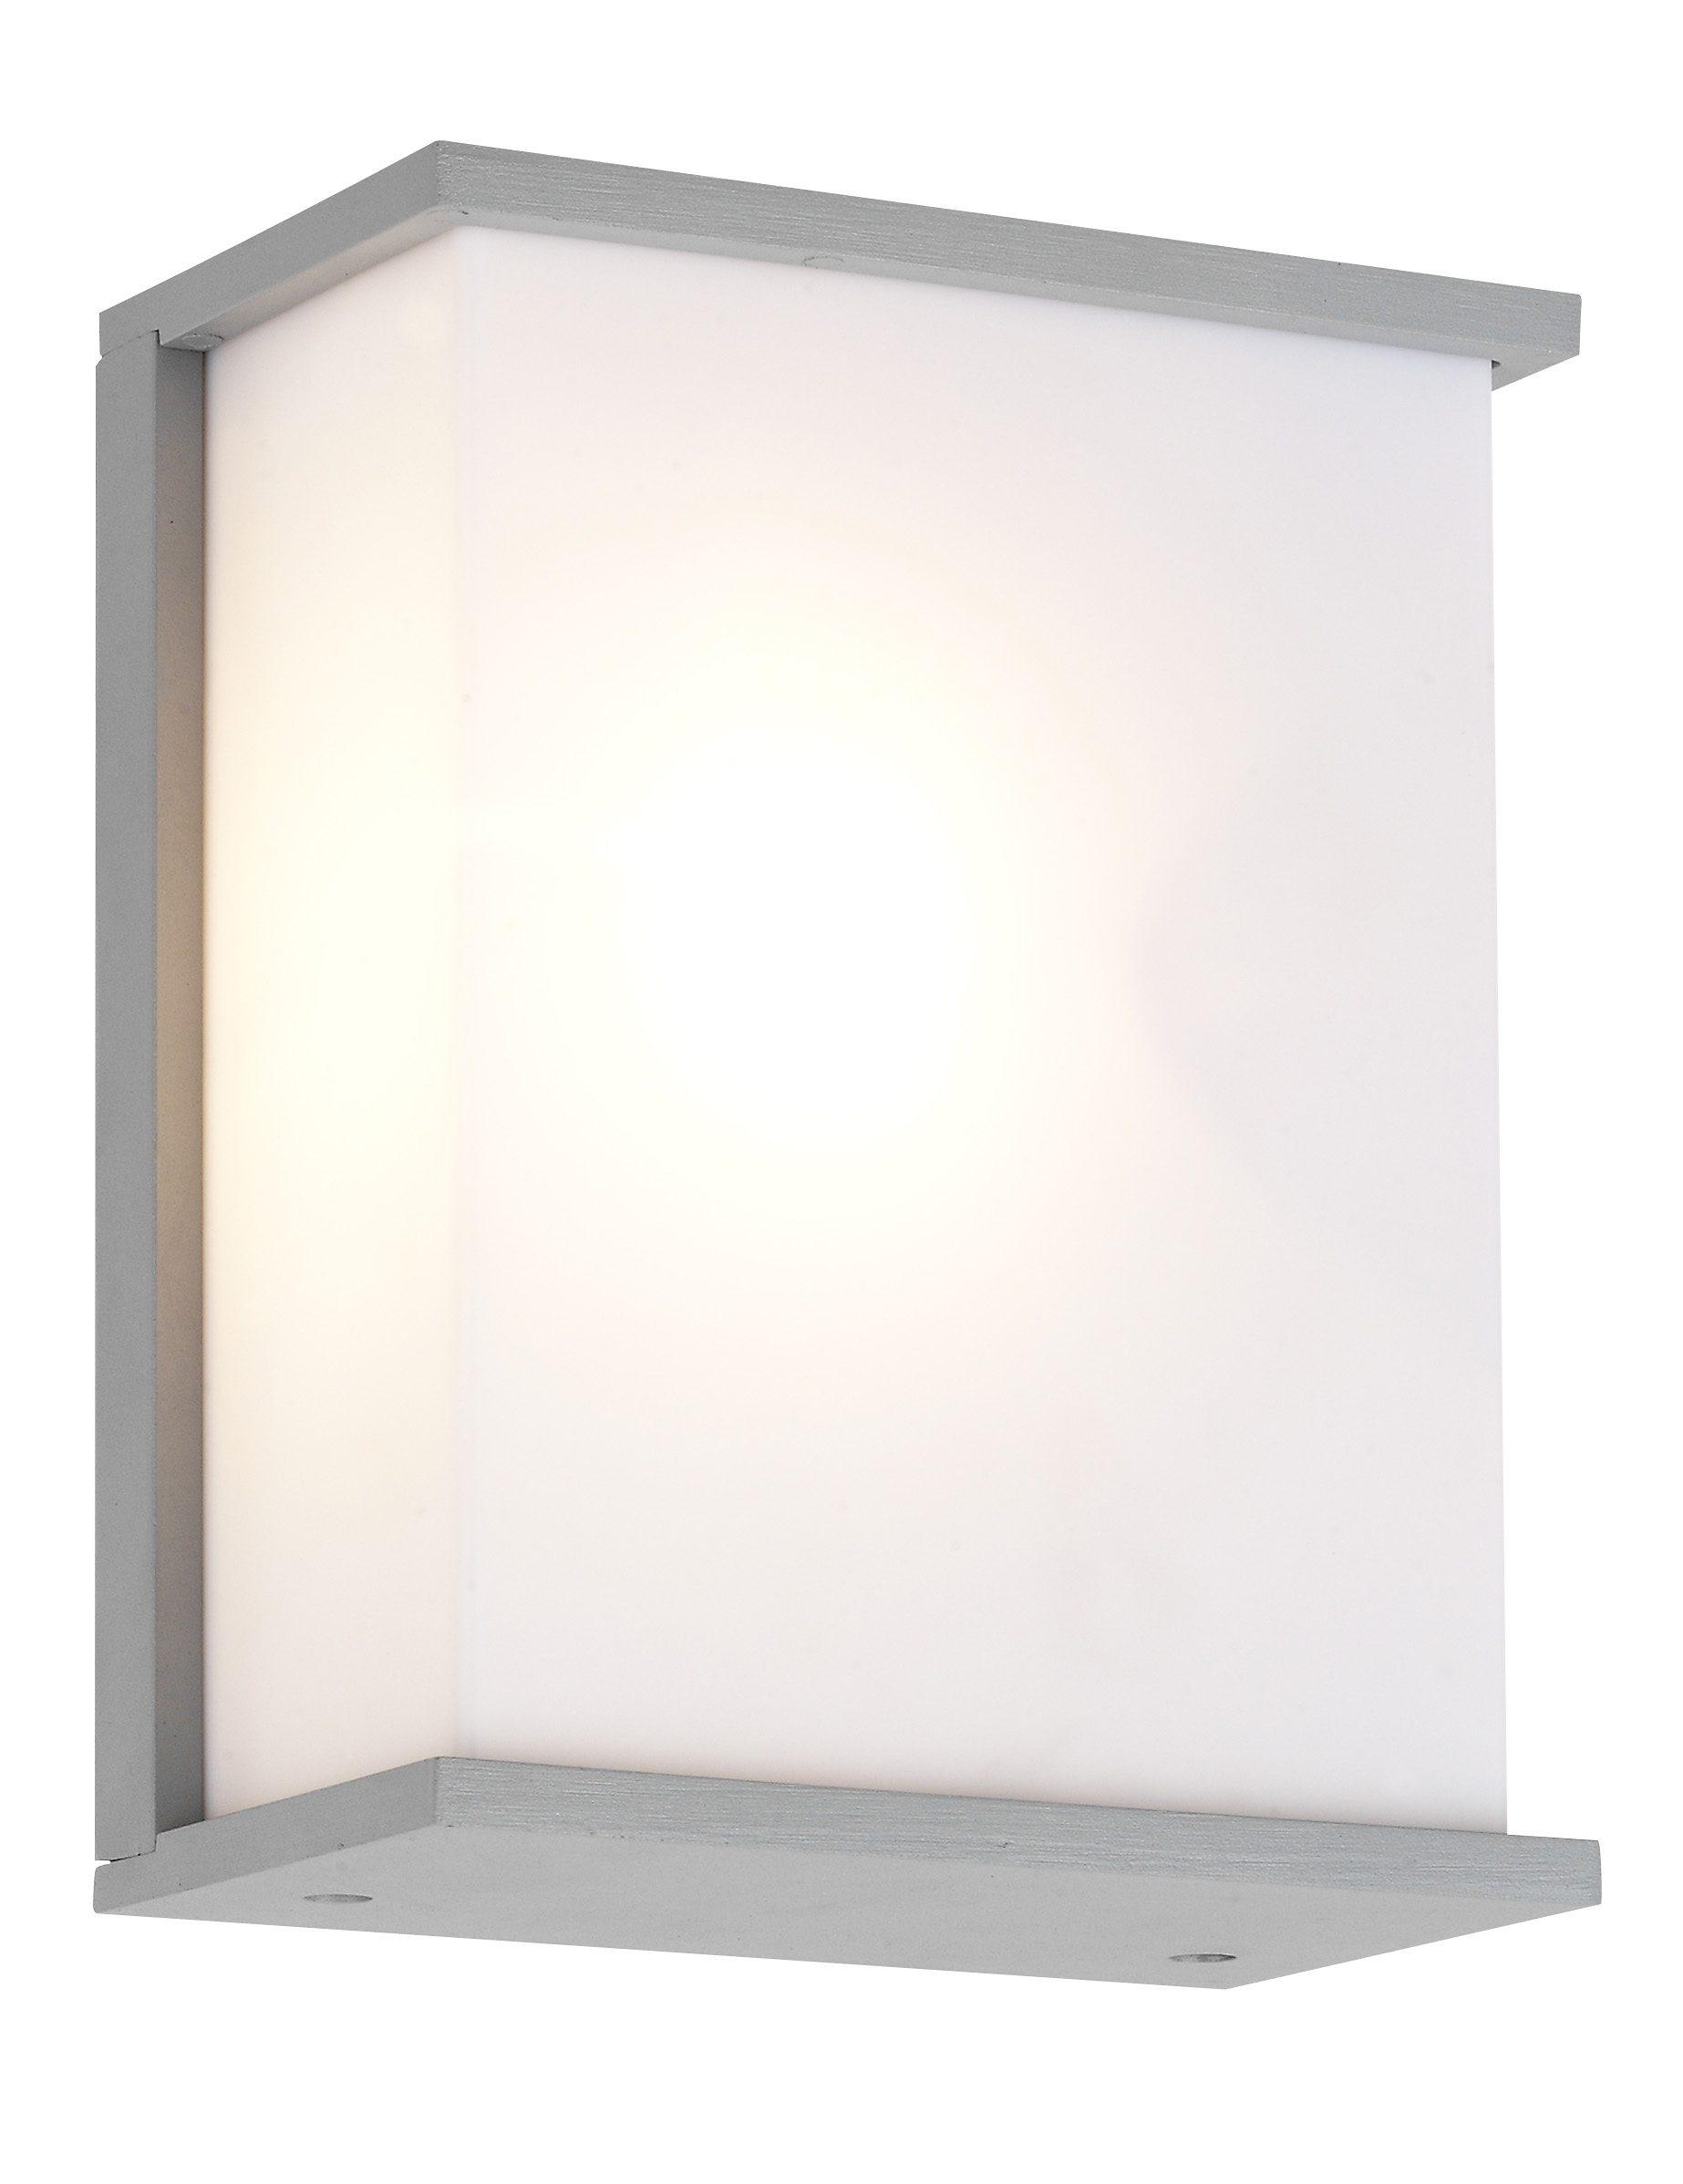 Brilliant Leuchten Außenleuchte, Wandleuchte, 2flg., »CASPAR«